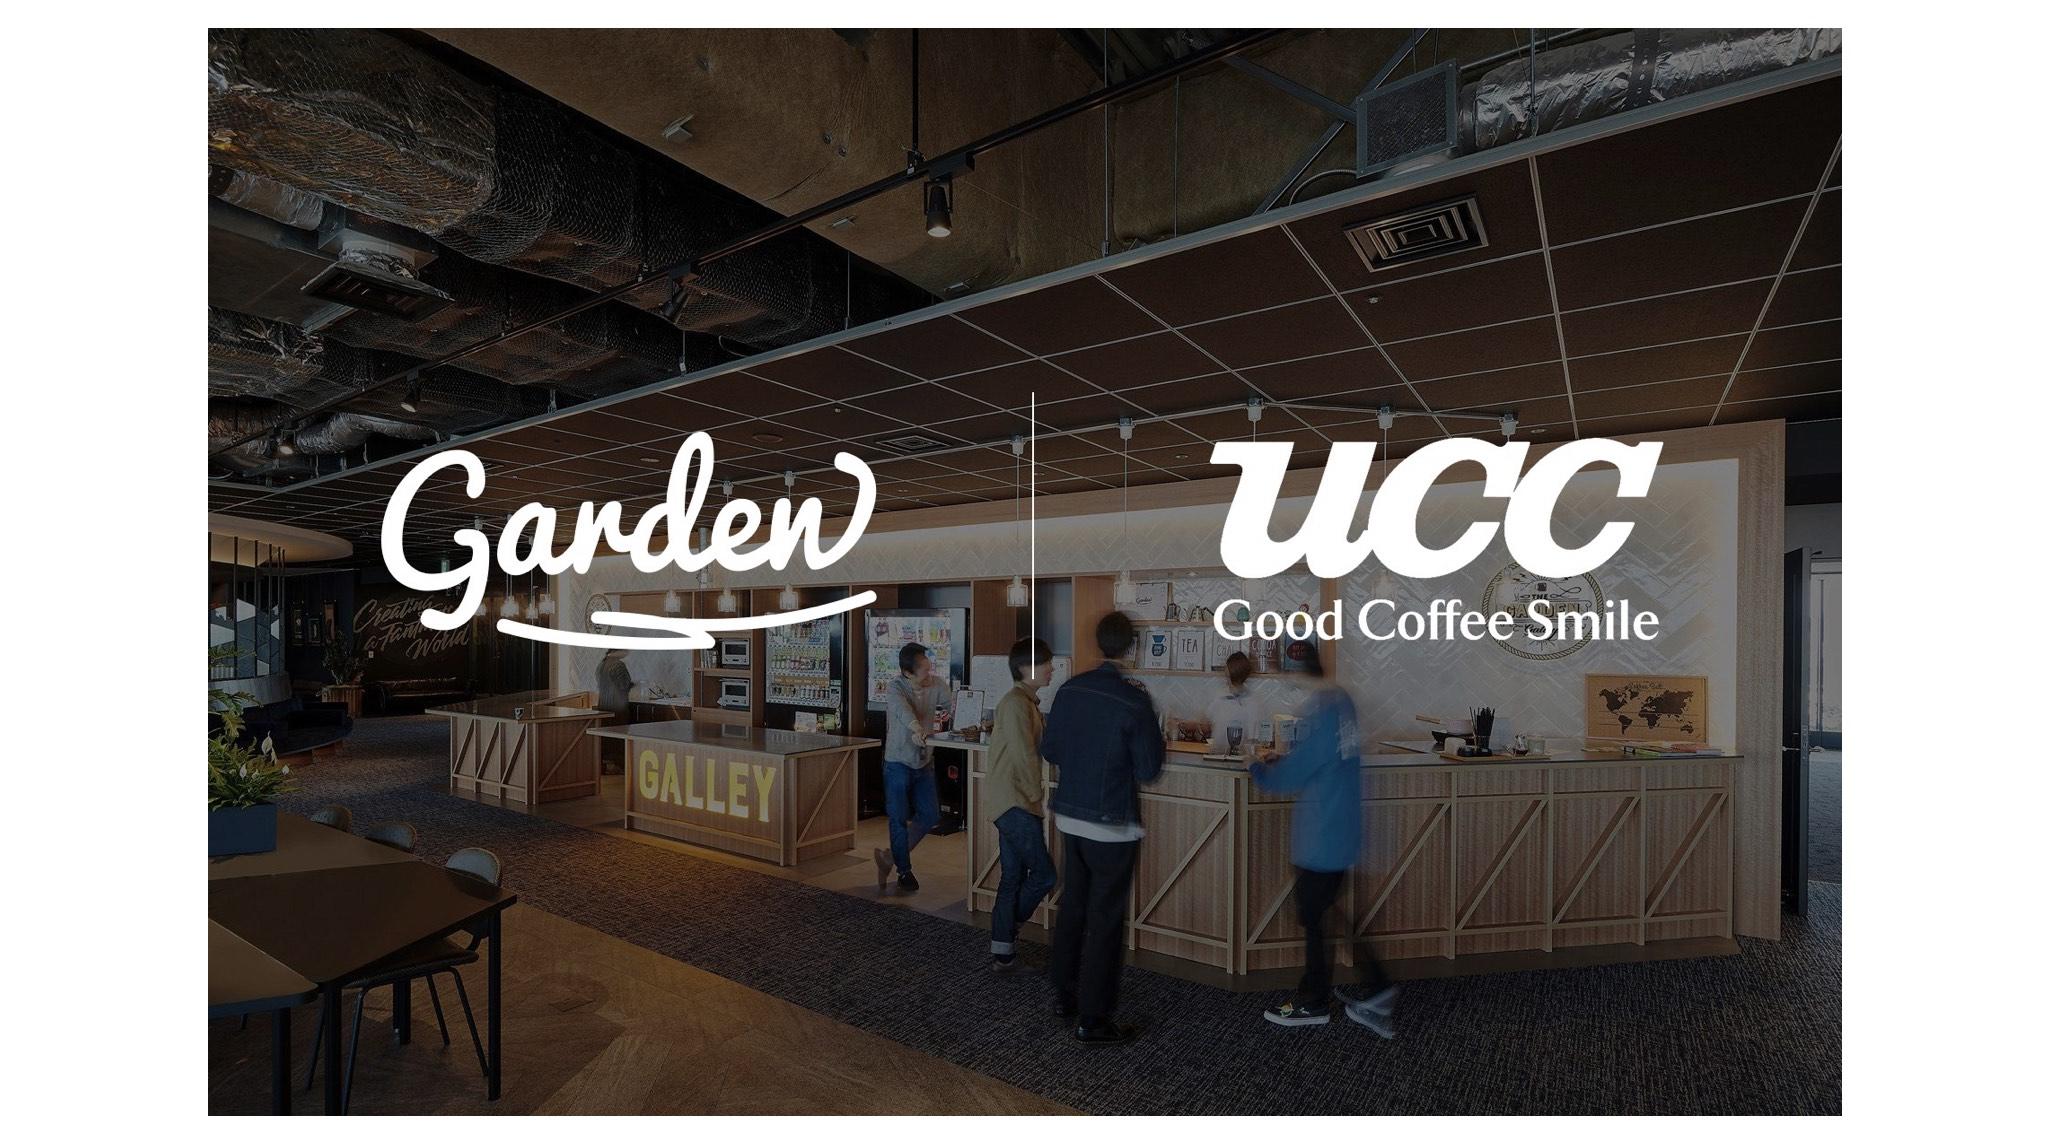 オフィスカフェ導入支援サービスのGardenとUCCホールディングスが資本業務提携